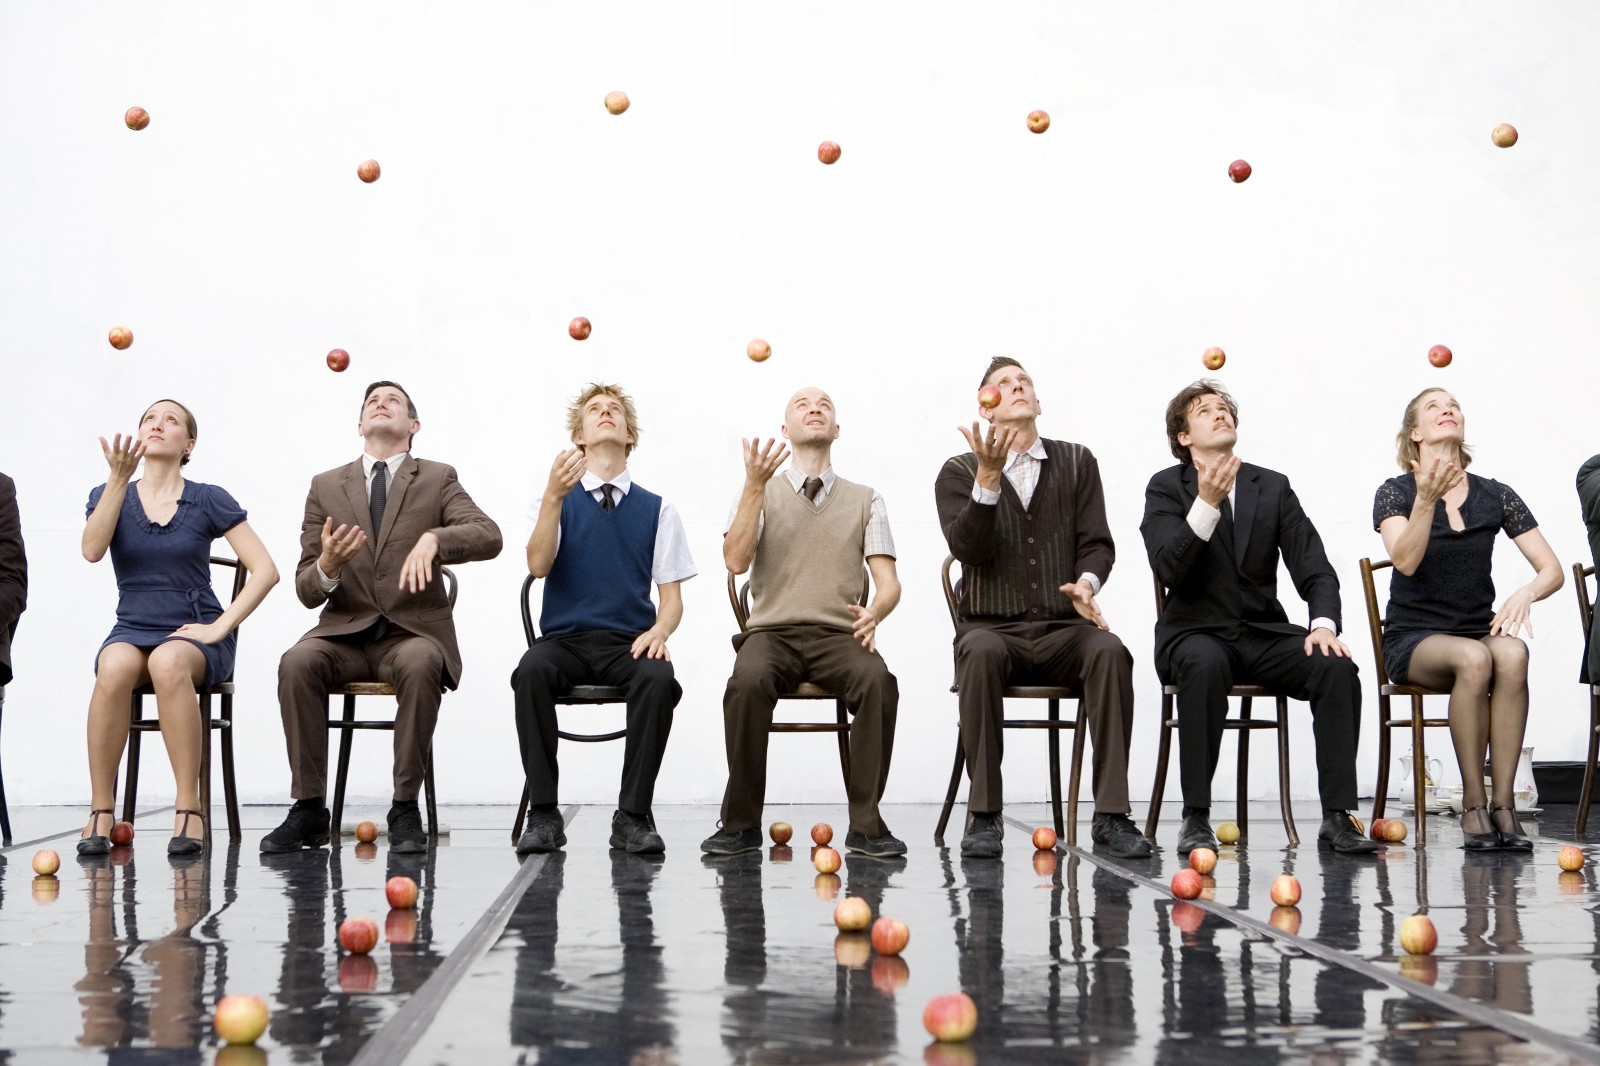 Gandini Juggling 2